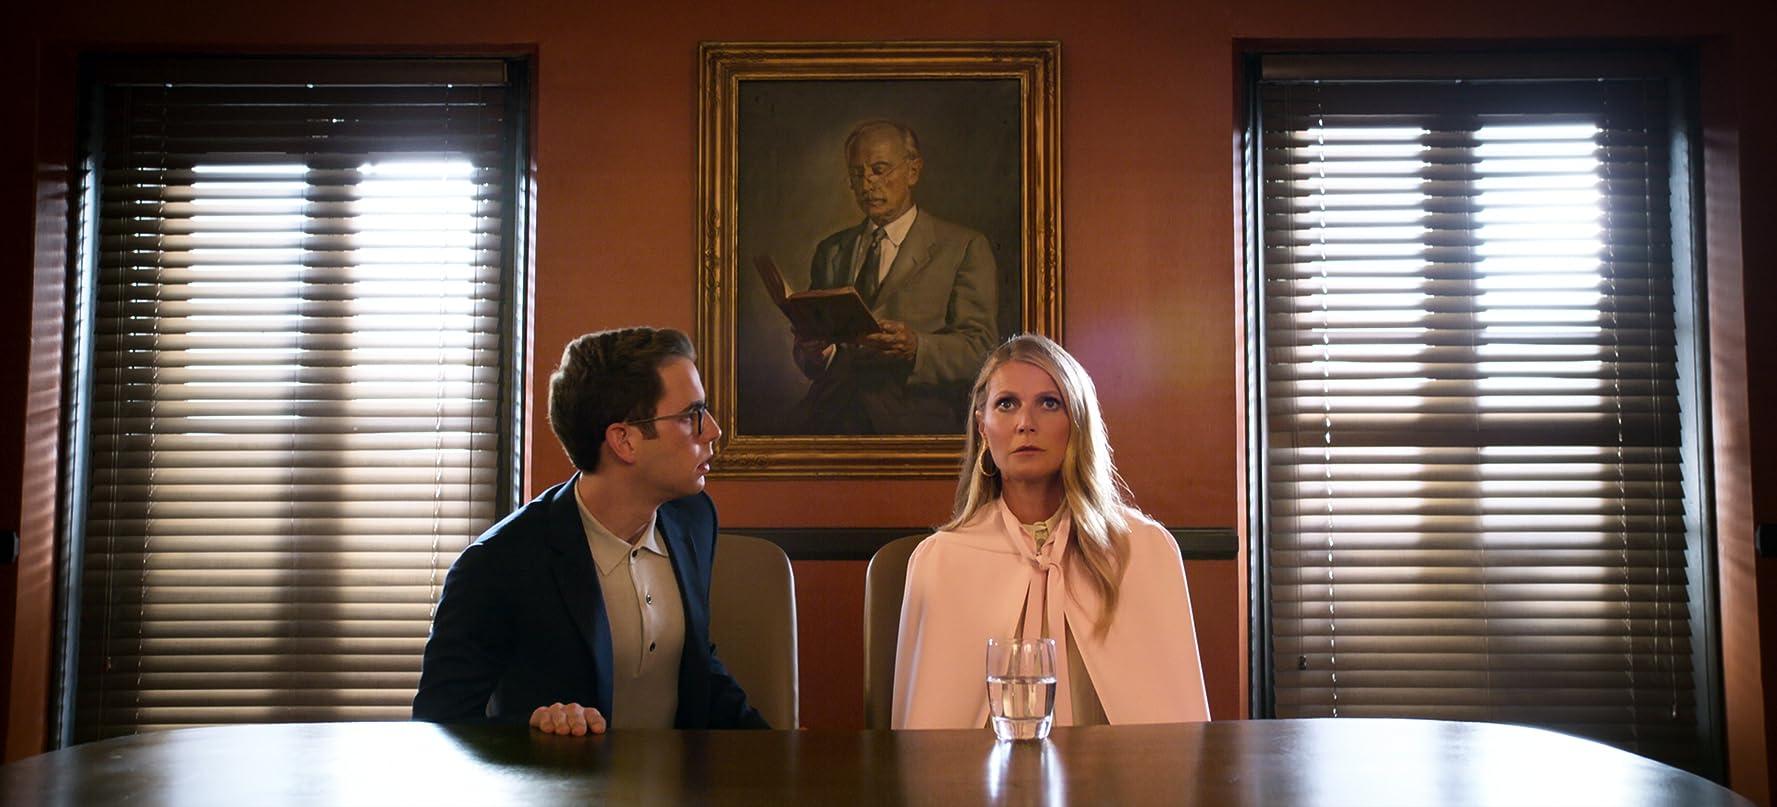 Gwyneth Paltrow and Ben Platt in The Politician (2019)